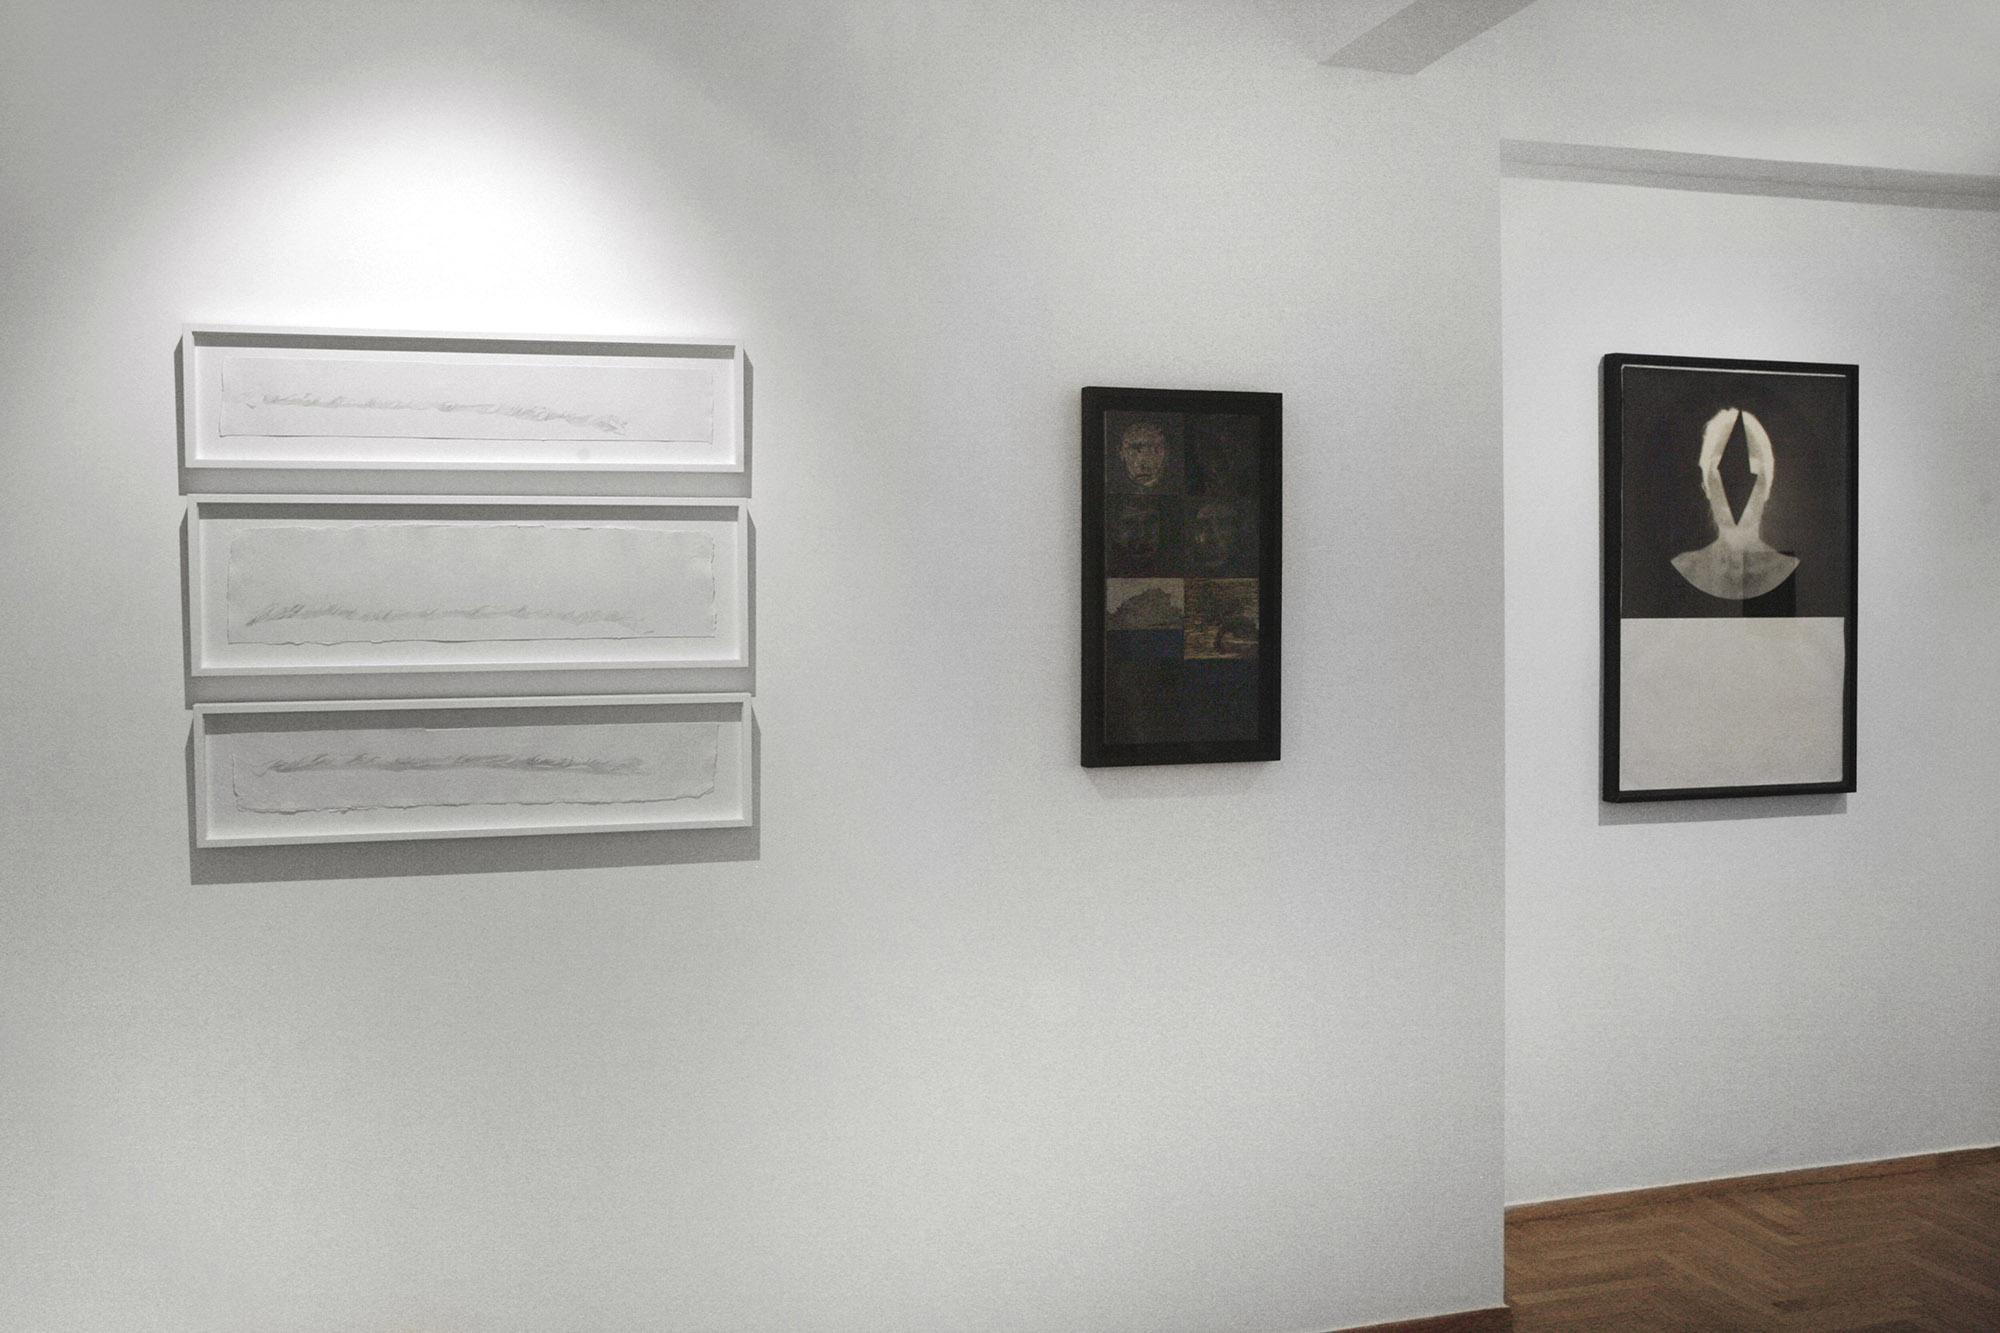 Leonidas Papadopoulos / Sculpture - Image 1